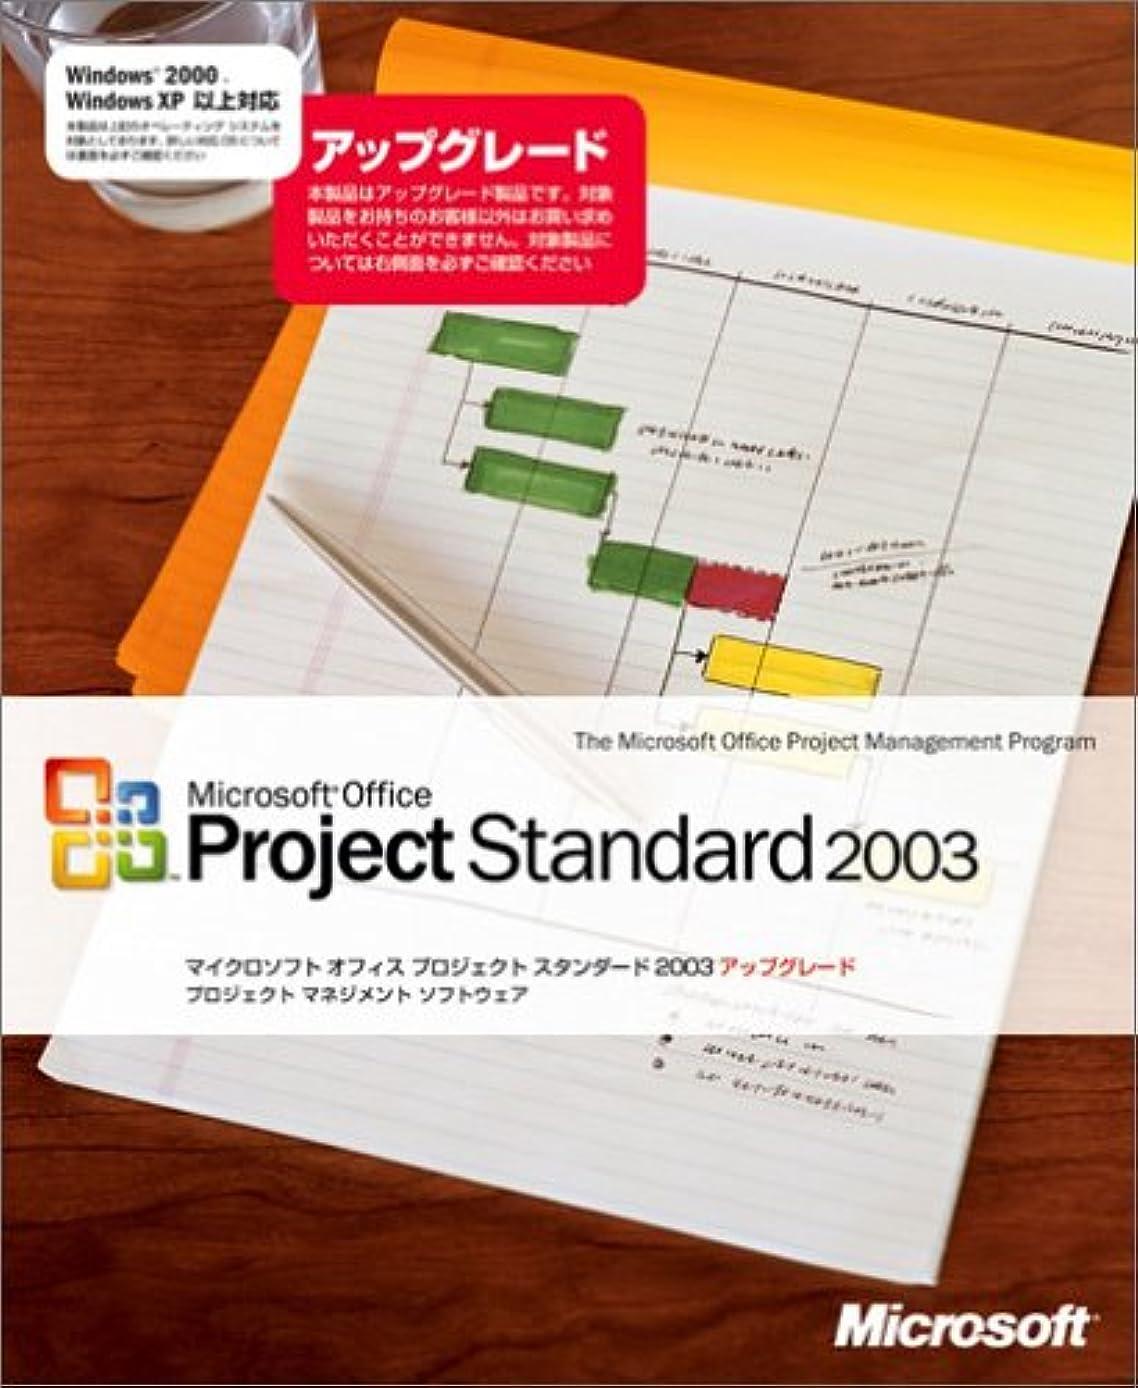 経由でブラウス異邦人【旧商品/サポート終了】Microsoft Project Professional 2003 Version/Product Upgrade